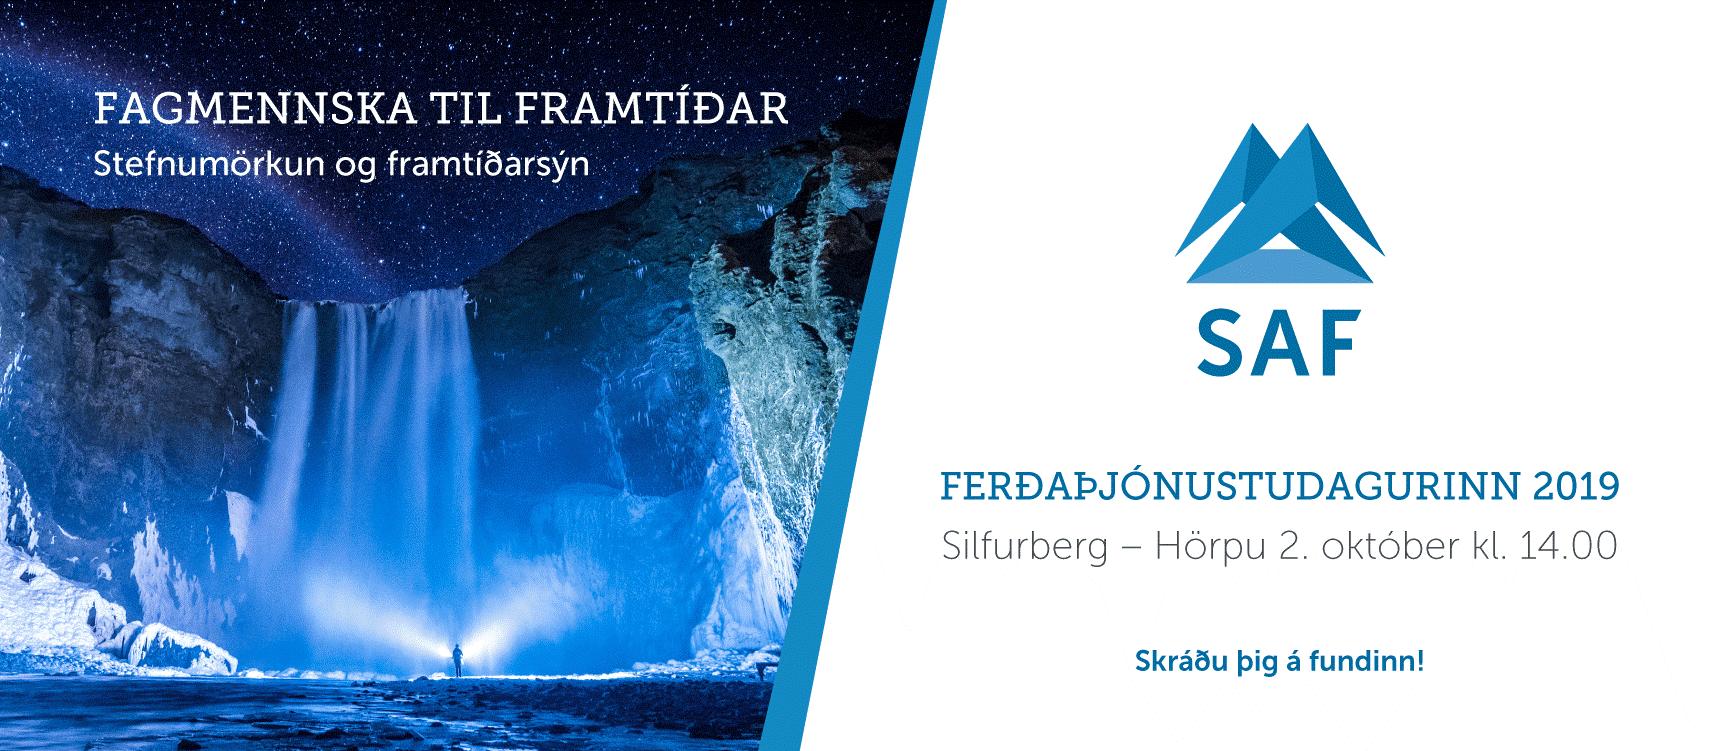 Ferðaþjónustudagurinn 2019